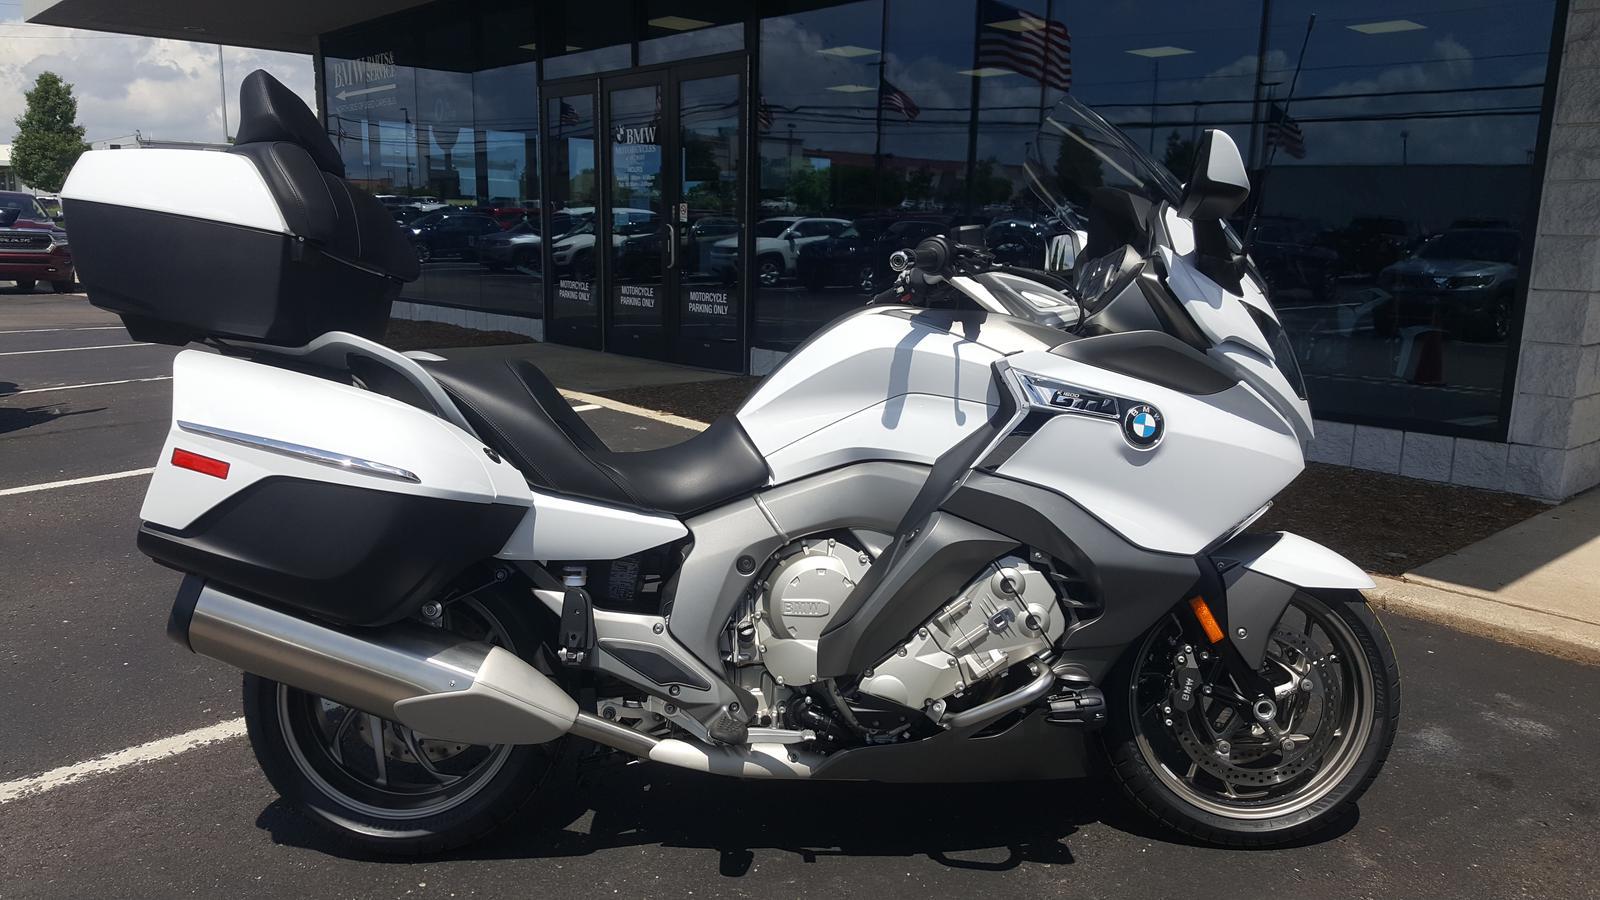 2019 BMW K1600 GTL